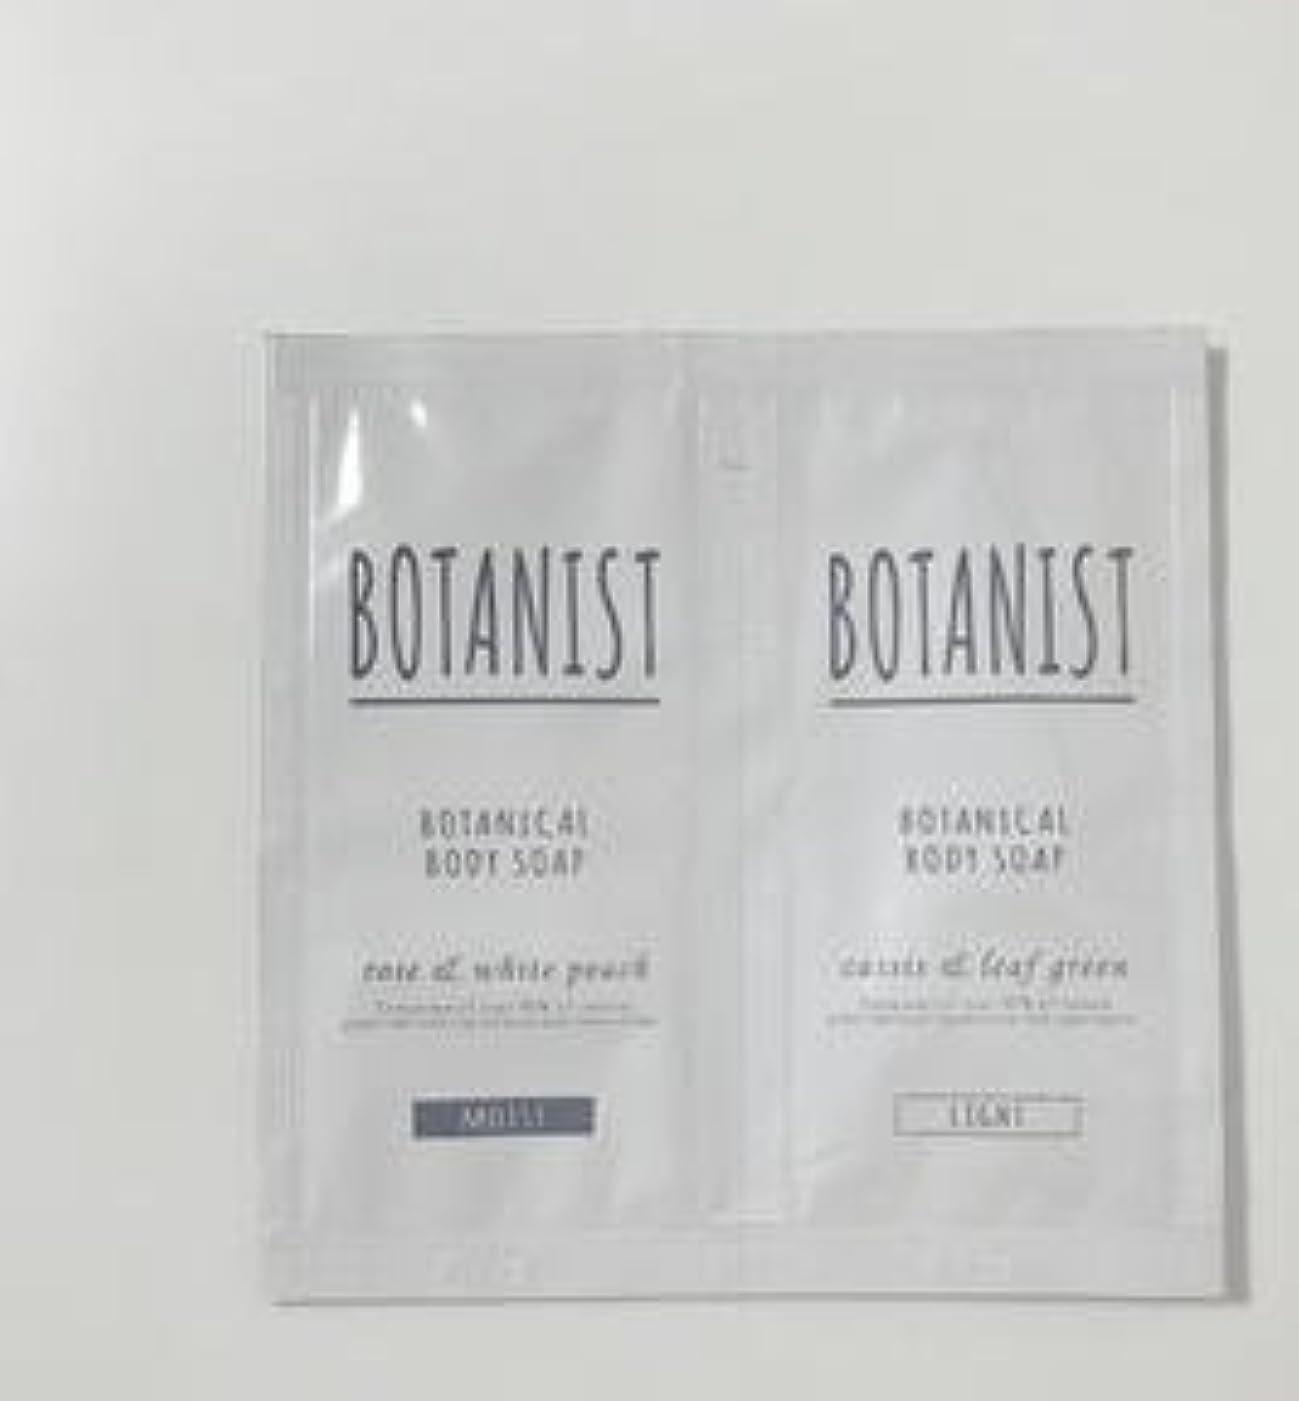 スペードグリル見えるBOTANIST ボタニカル ボディーソープ ライト&モイスト トライアルセット 8ml×2 (ライト&モイスト, 1個)